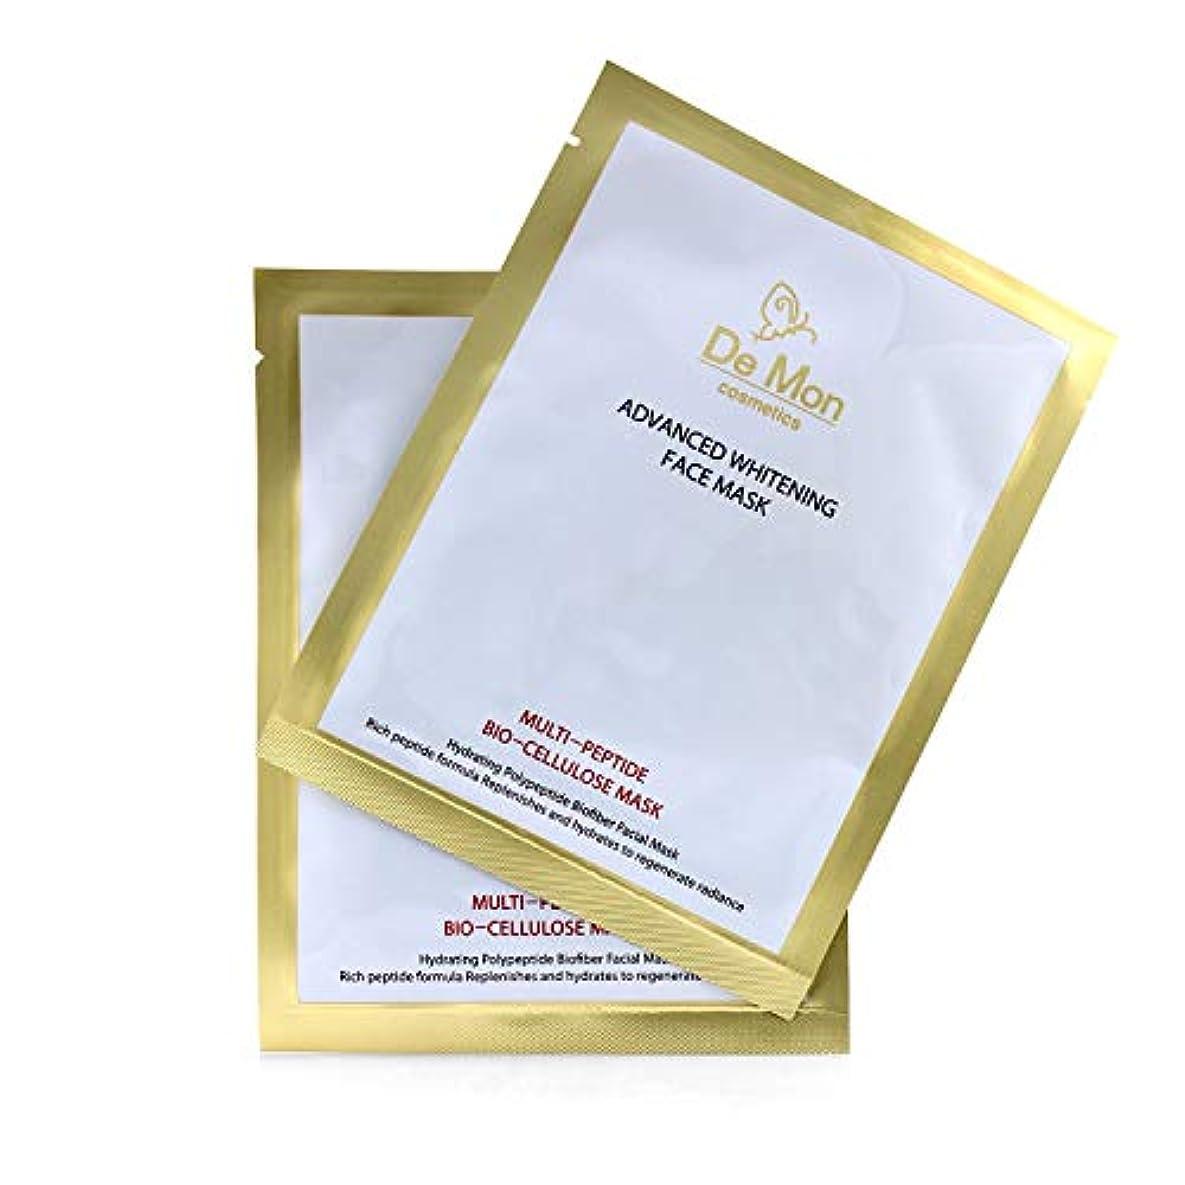 アコーベーカリー健康DeMon Advanced Whitening Face Mask (Multi-Functional Whitening & Moisturizing) 3x25ml/0.8oz並行輸入品